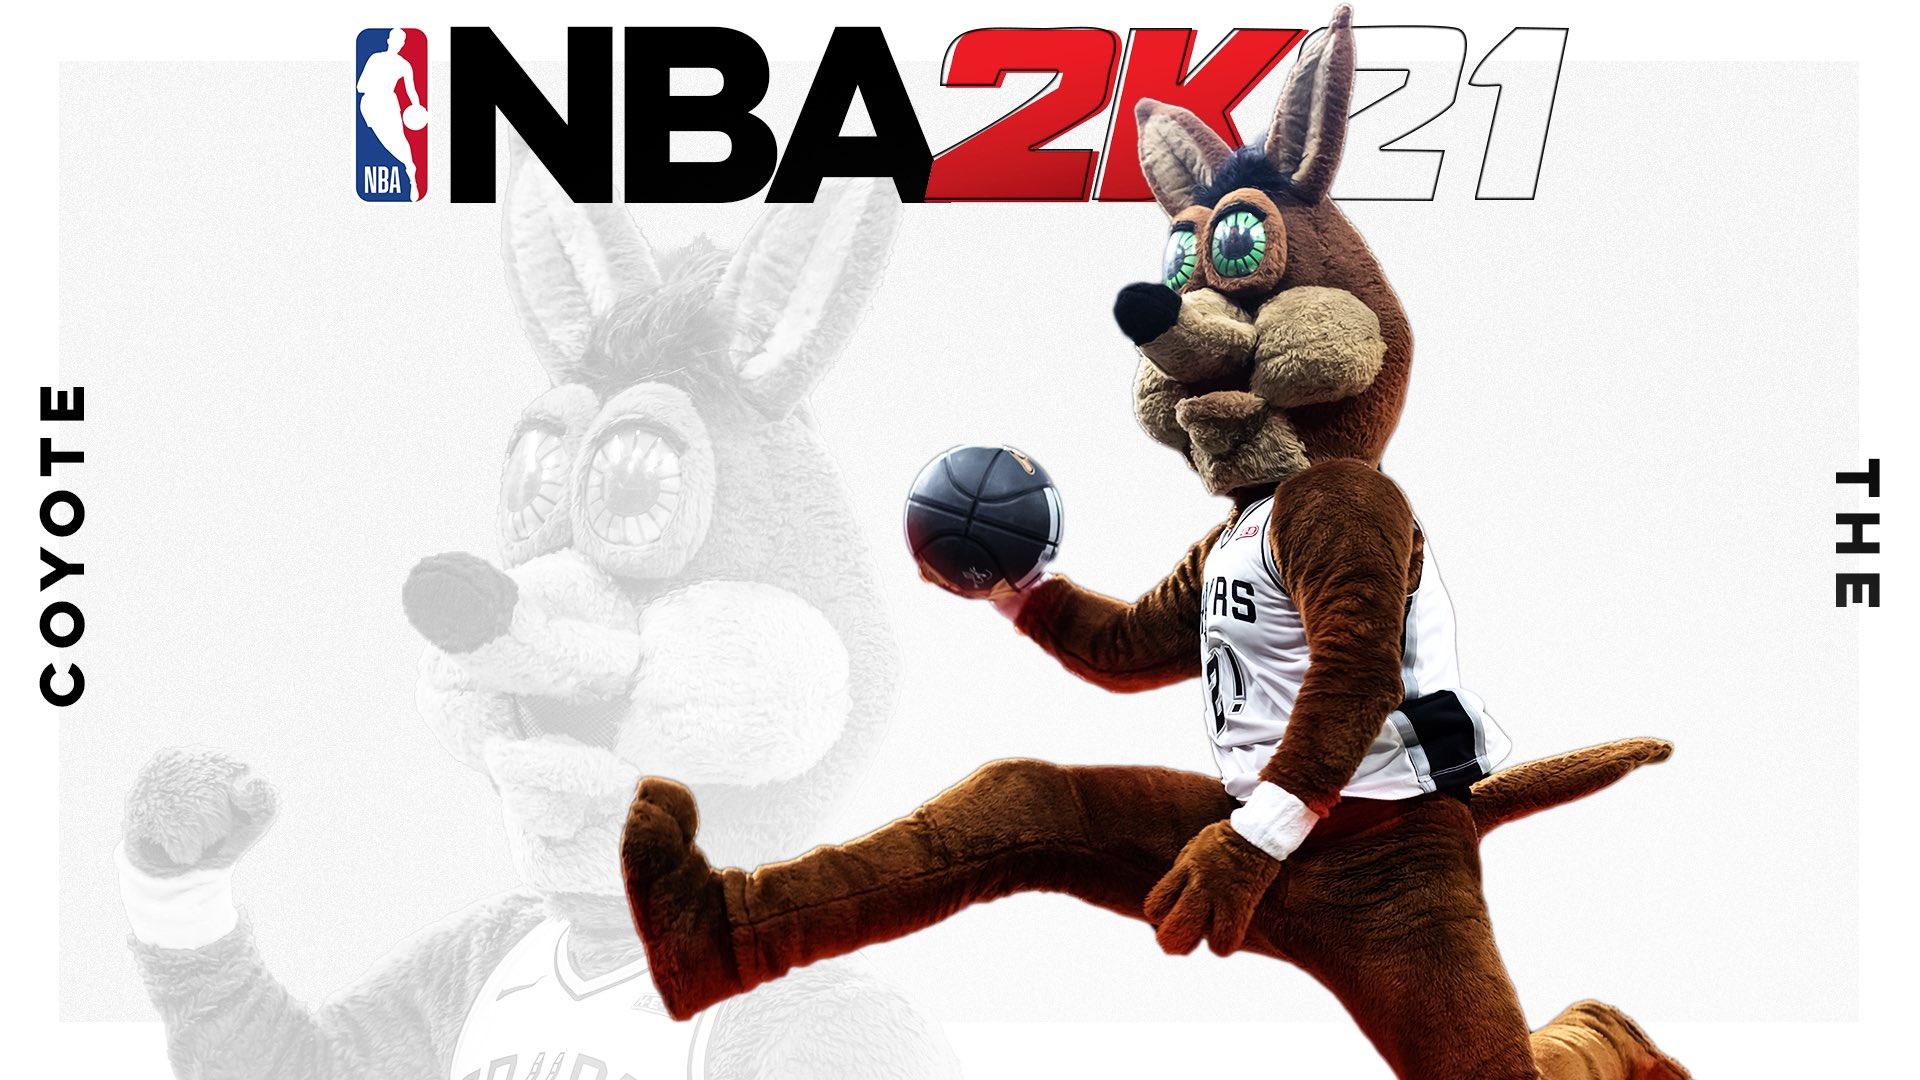 马刺吉祥物官推恶搞:这里是NBA 2K21的下一位封面球星